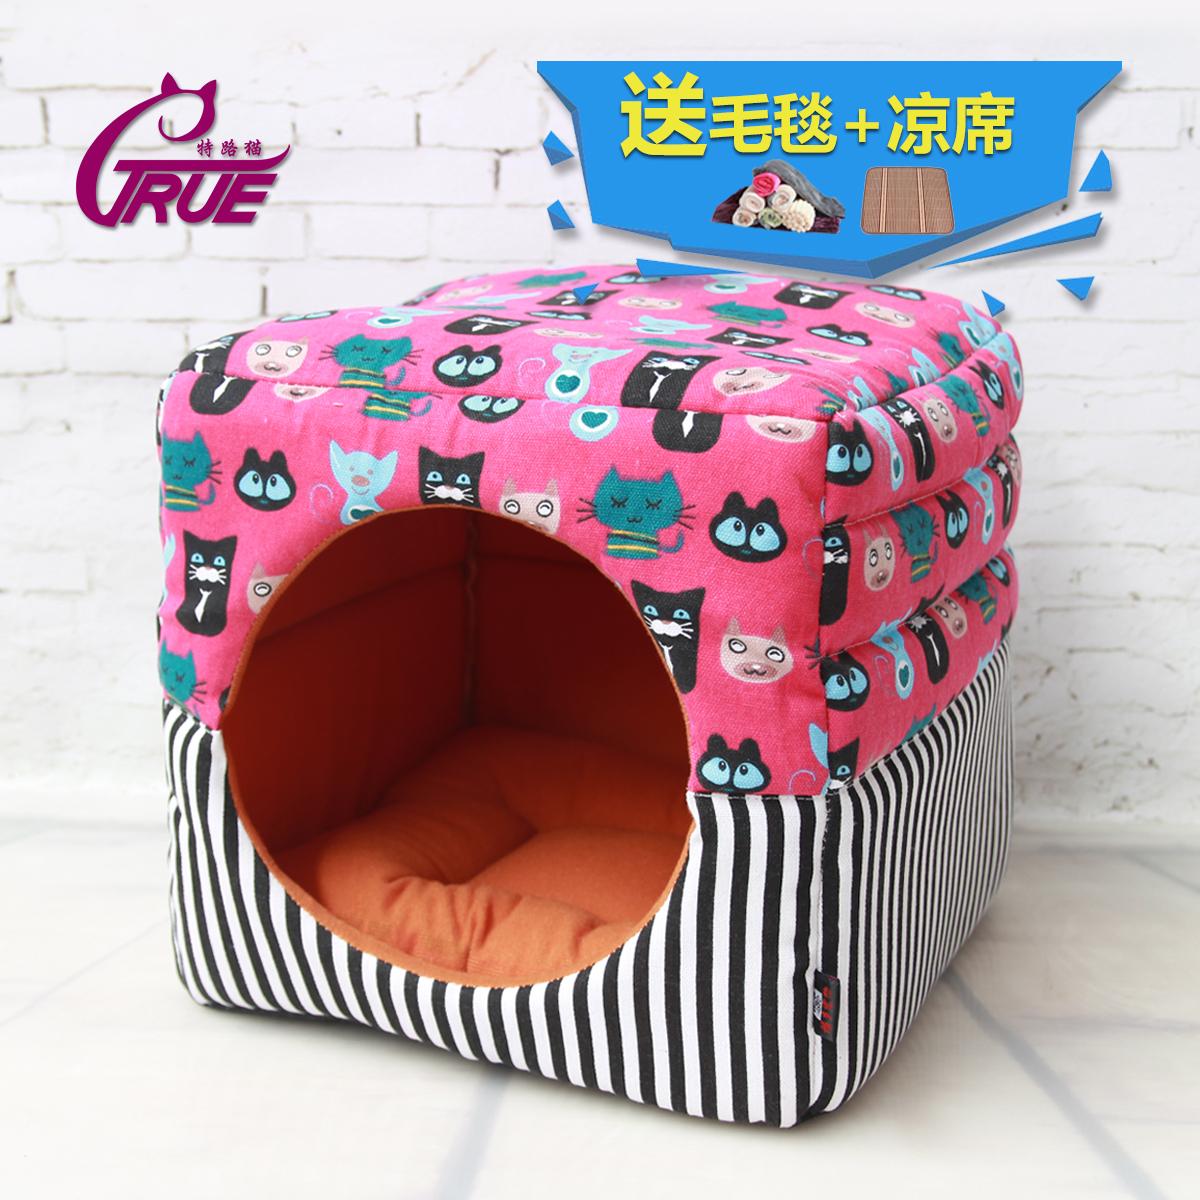 猫宠物窝垫猫咪用品冬天蒙古包四季通用屋小狗狗冬季狗窝保暖房子